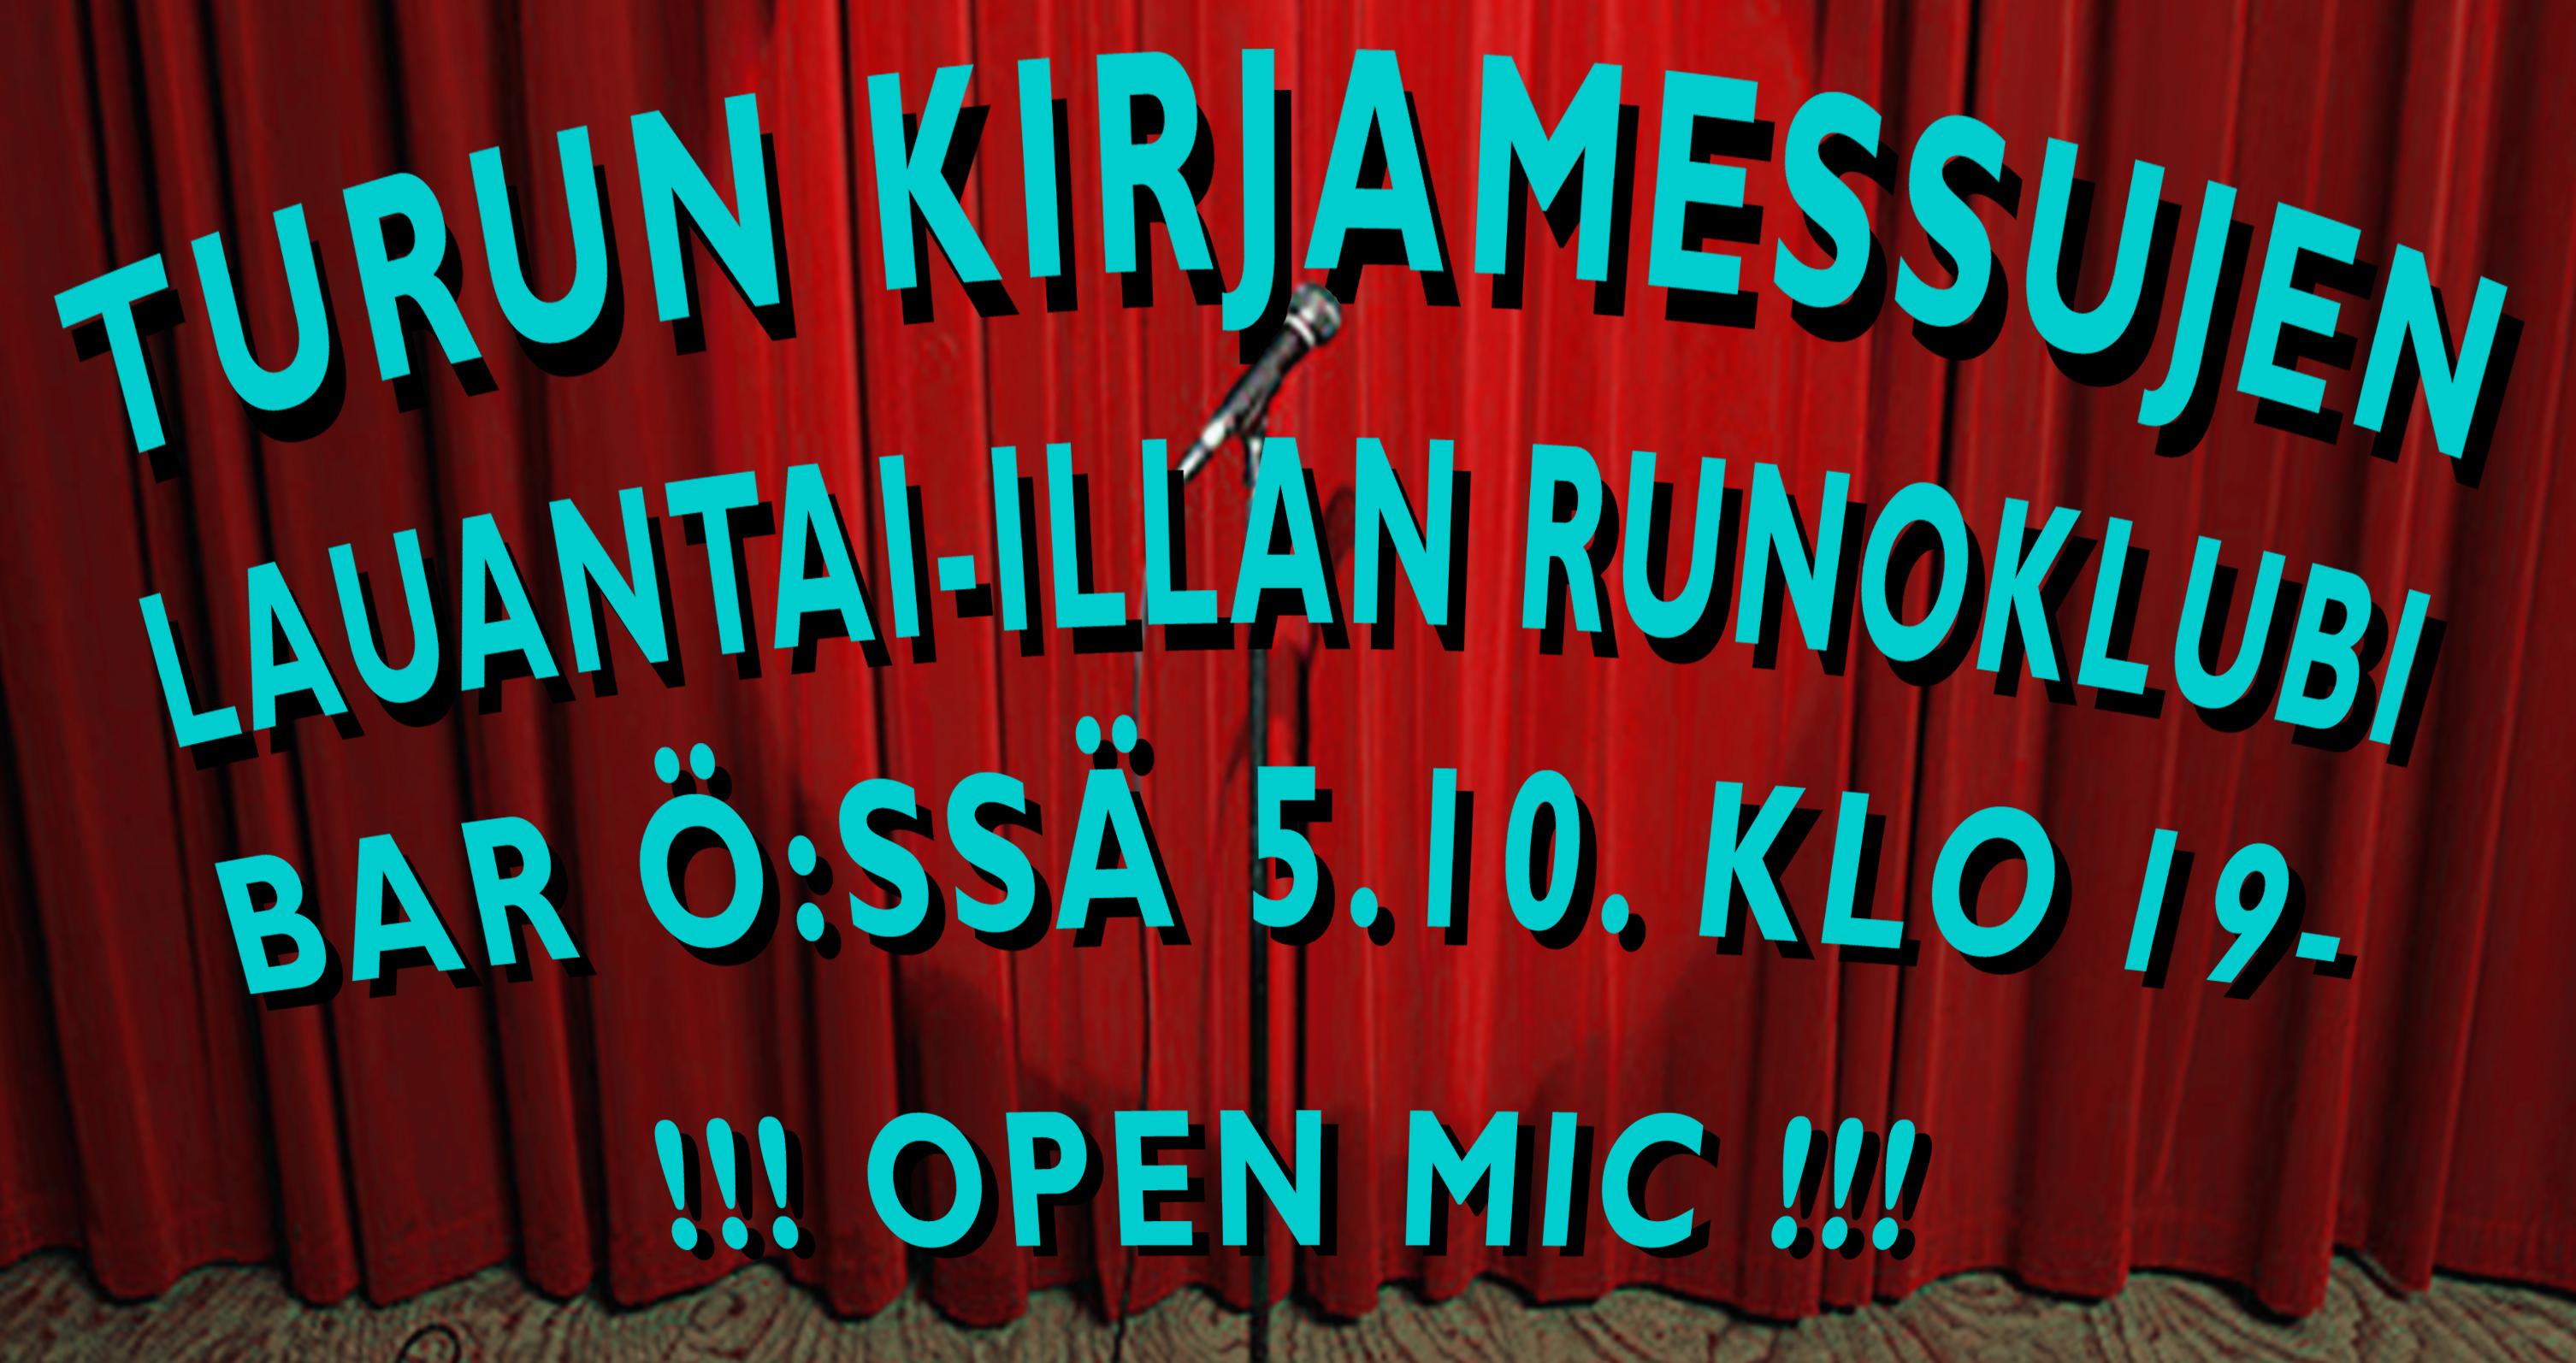 Turun kirjamessut - runoklubi